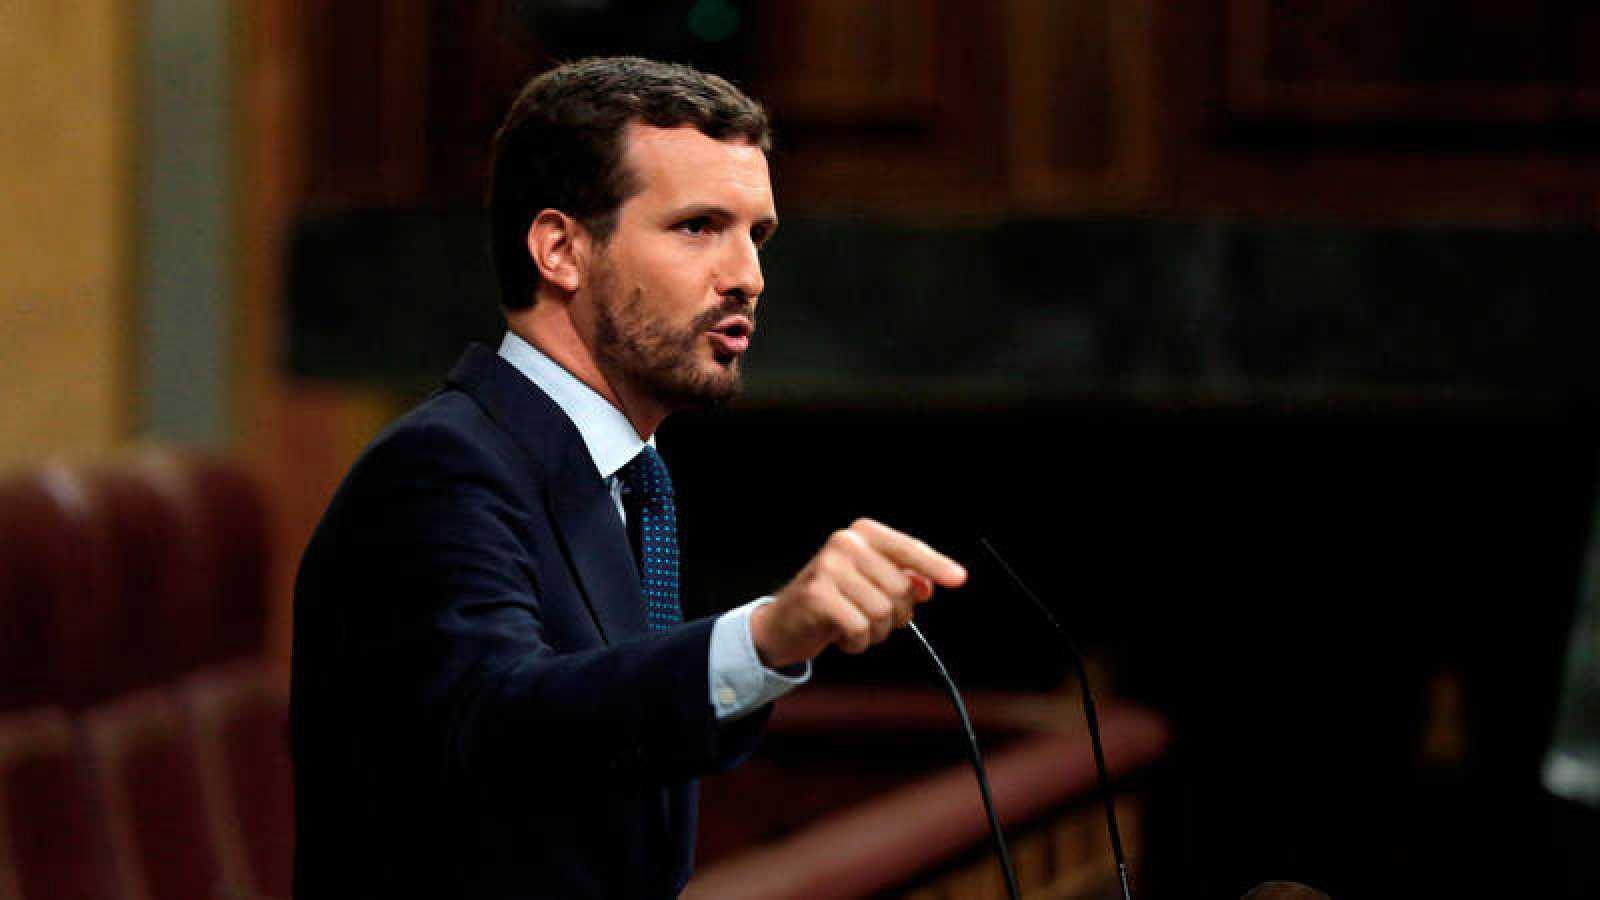 El líder del Partido Popular, Pablo Casado, durante un turno de réplica a Pedro Sánchez en el Congreso.